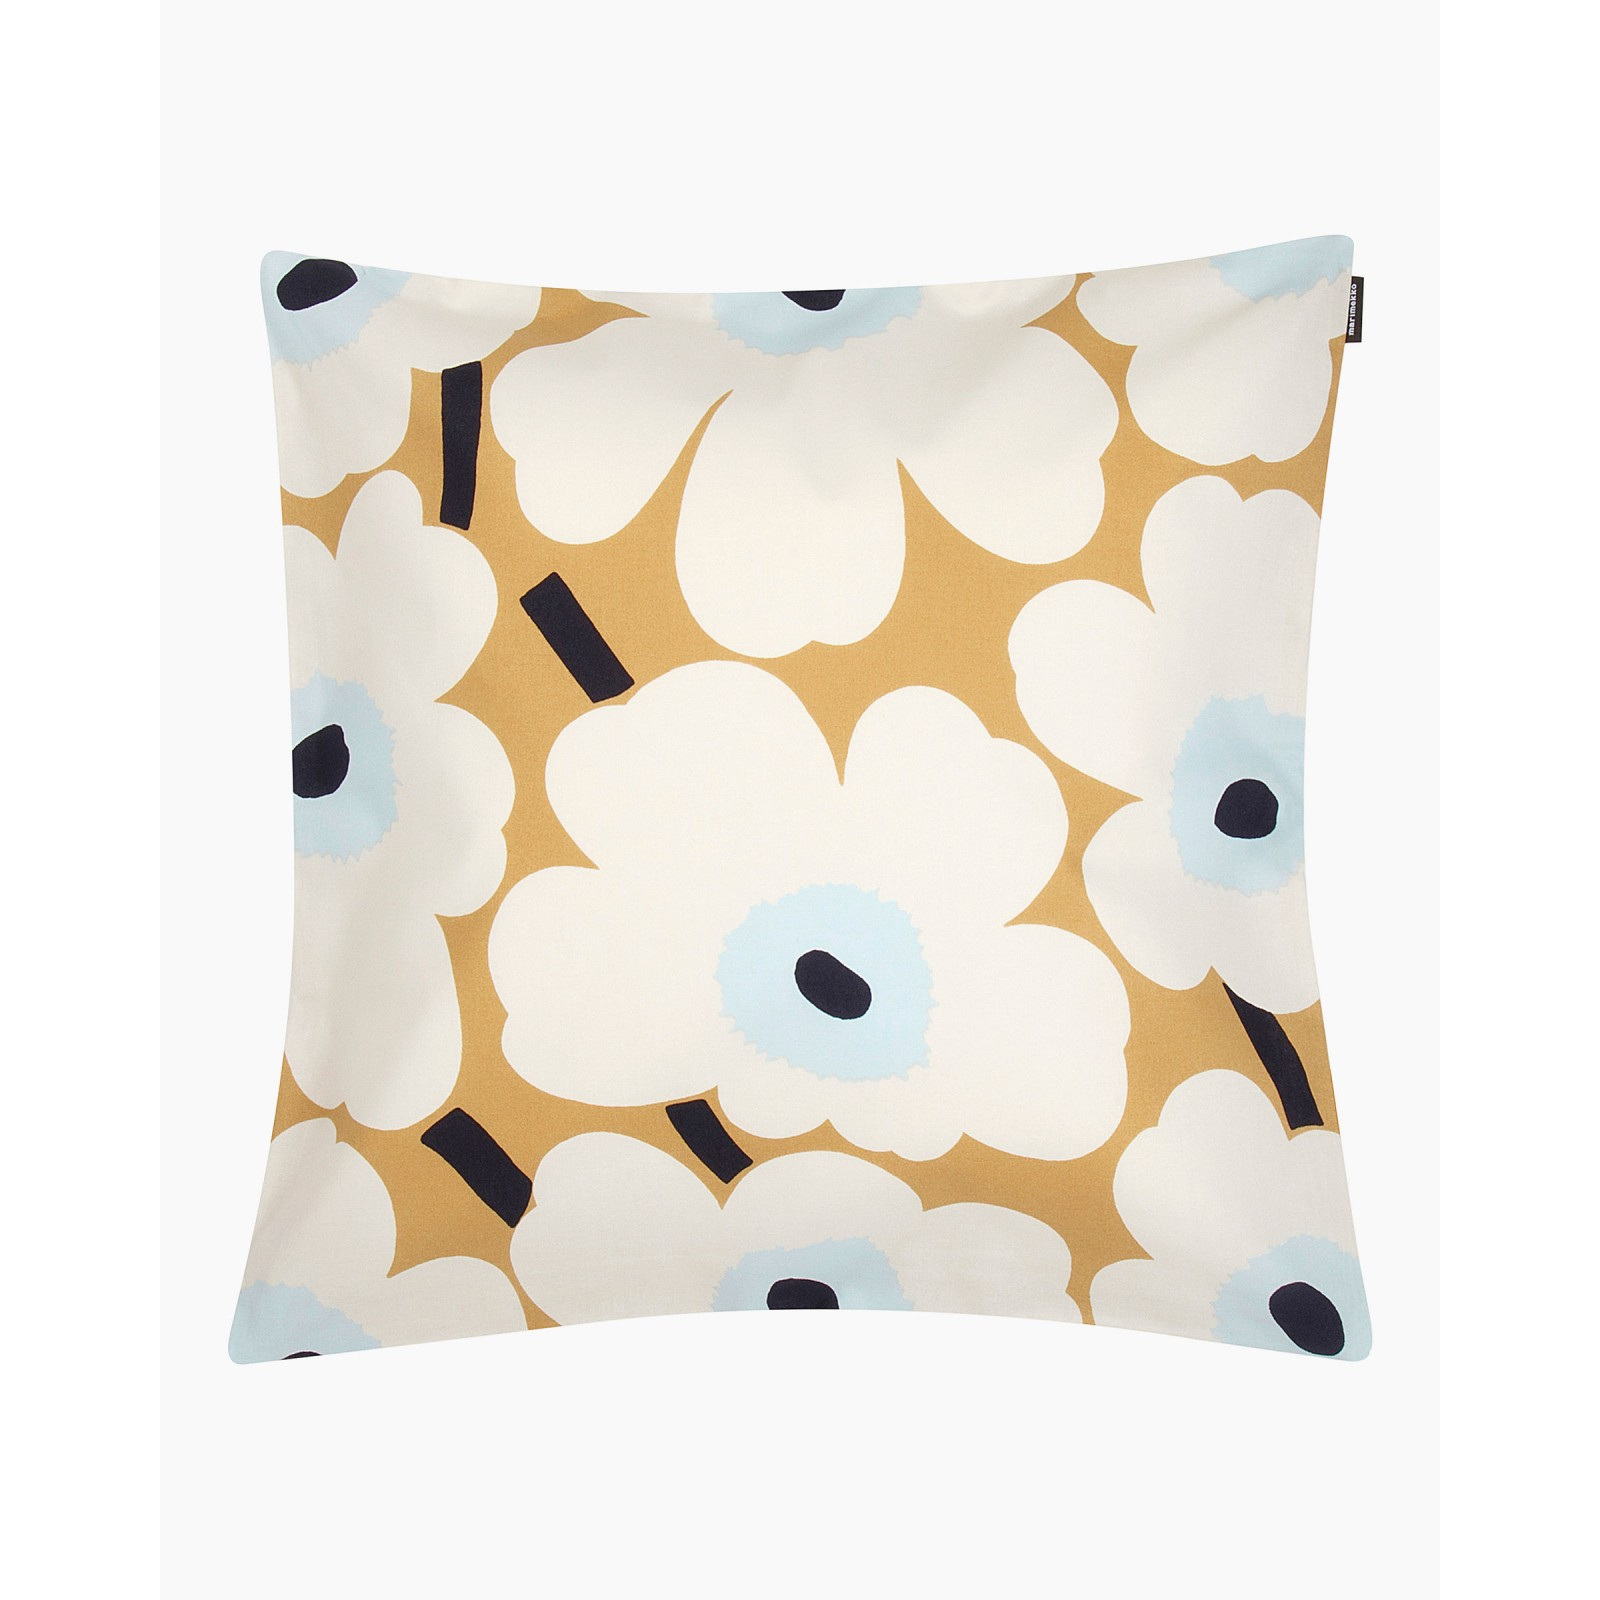 Pieni Unikko cushion cover 50x50 cm beige